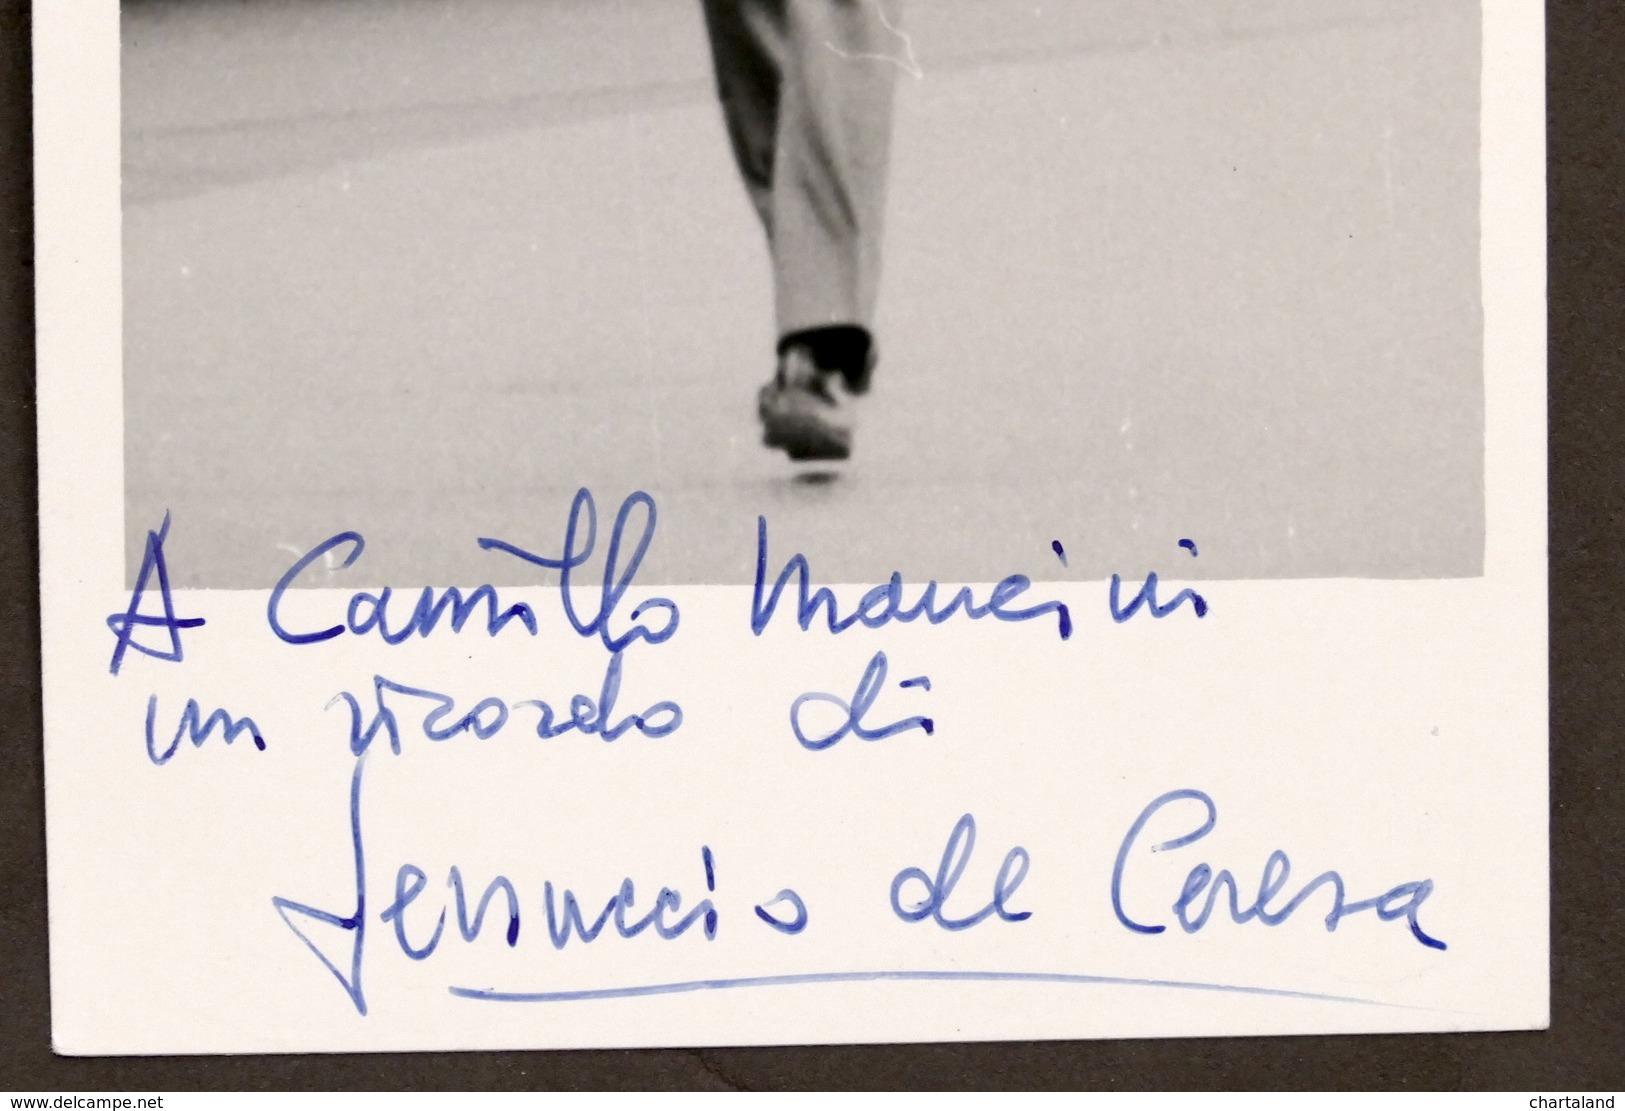 Cinema Teatro - Autografo Dell'attore Ferruccio De Ceresa - Anni '60 - Autografi